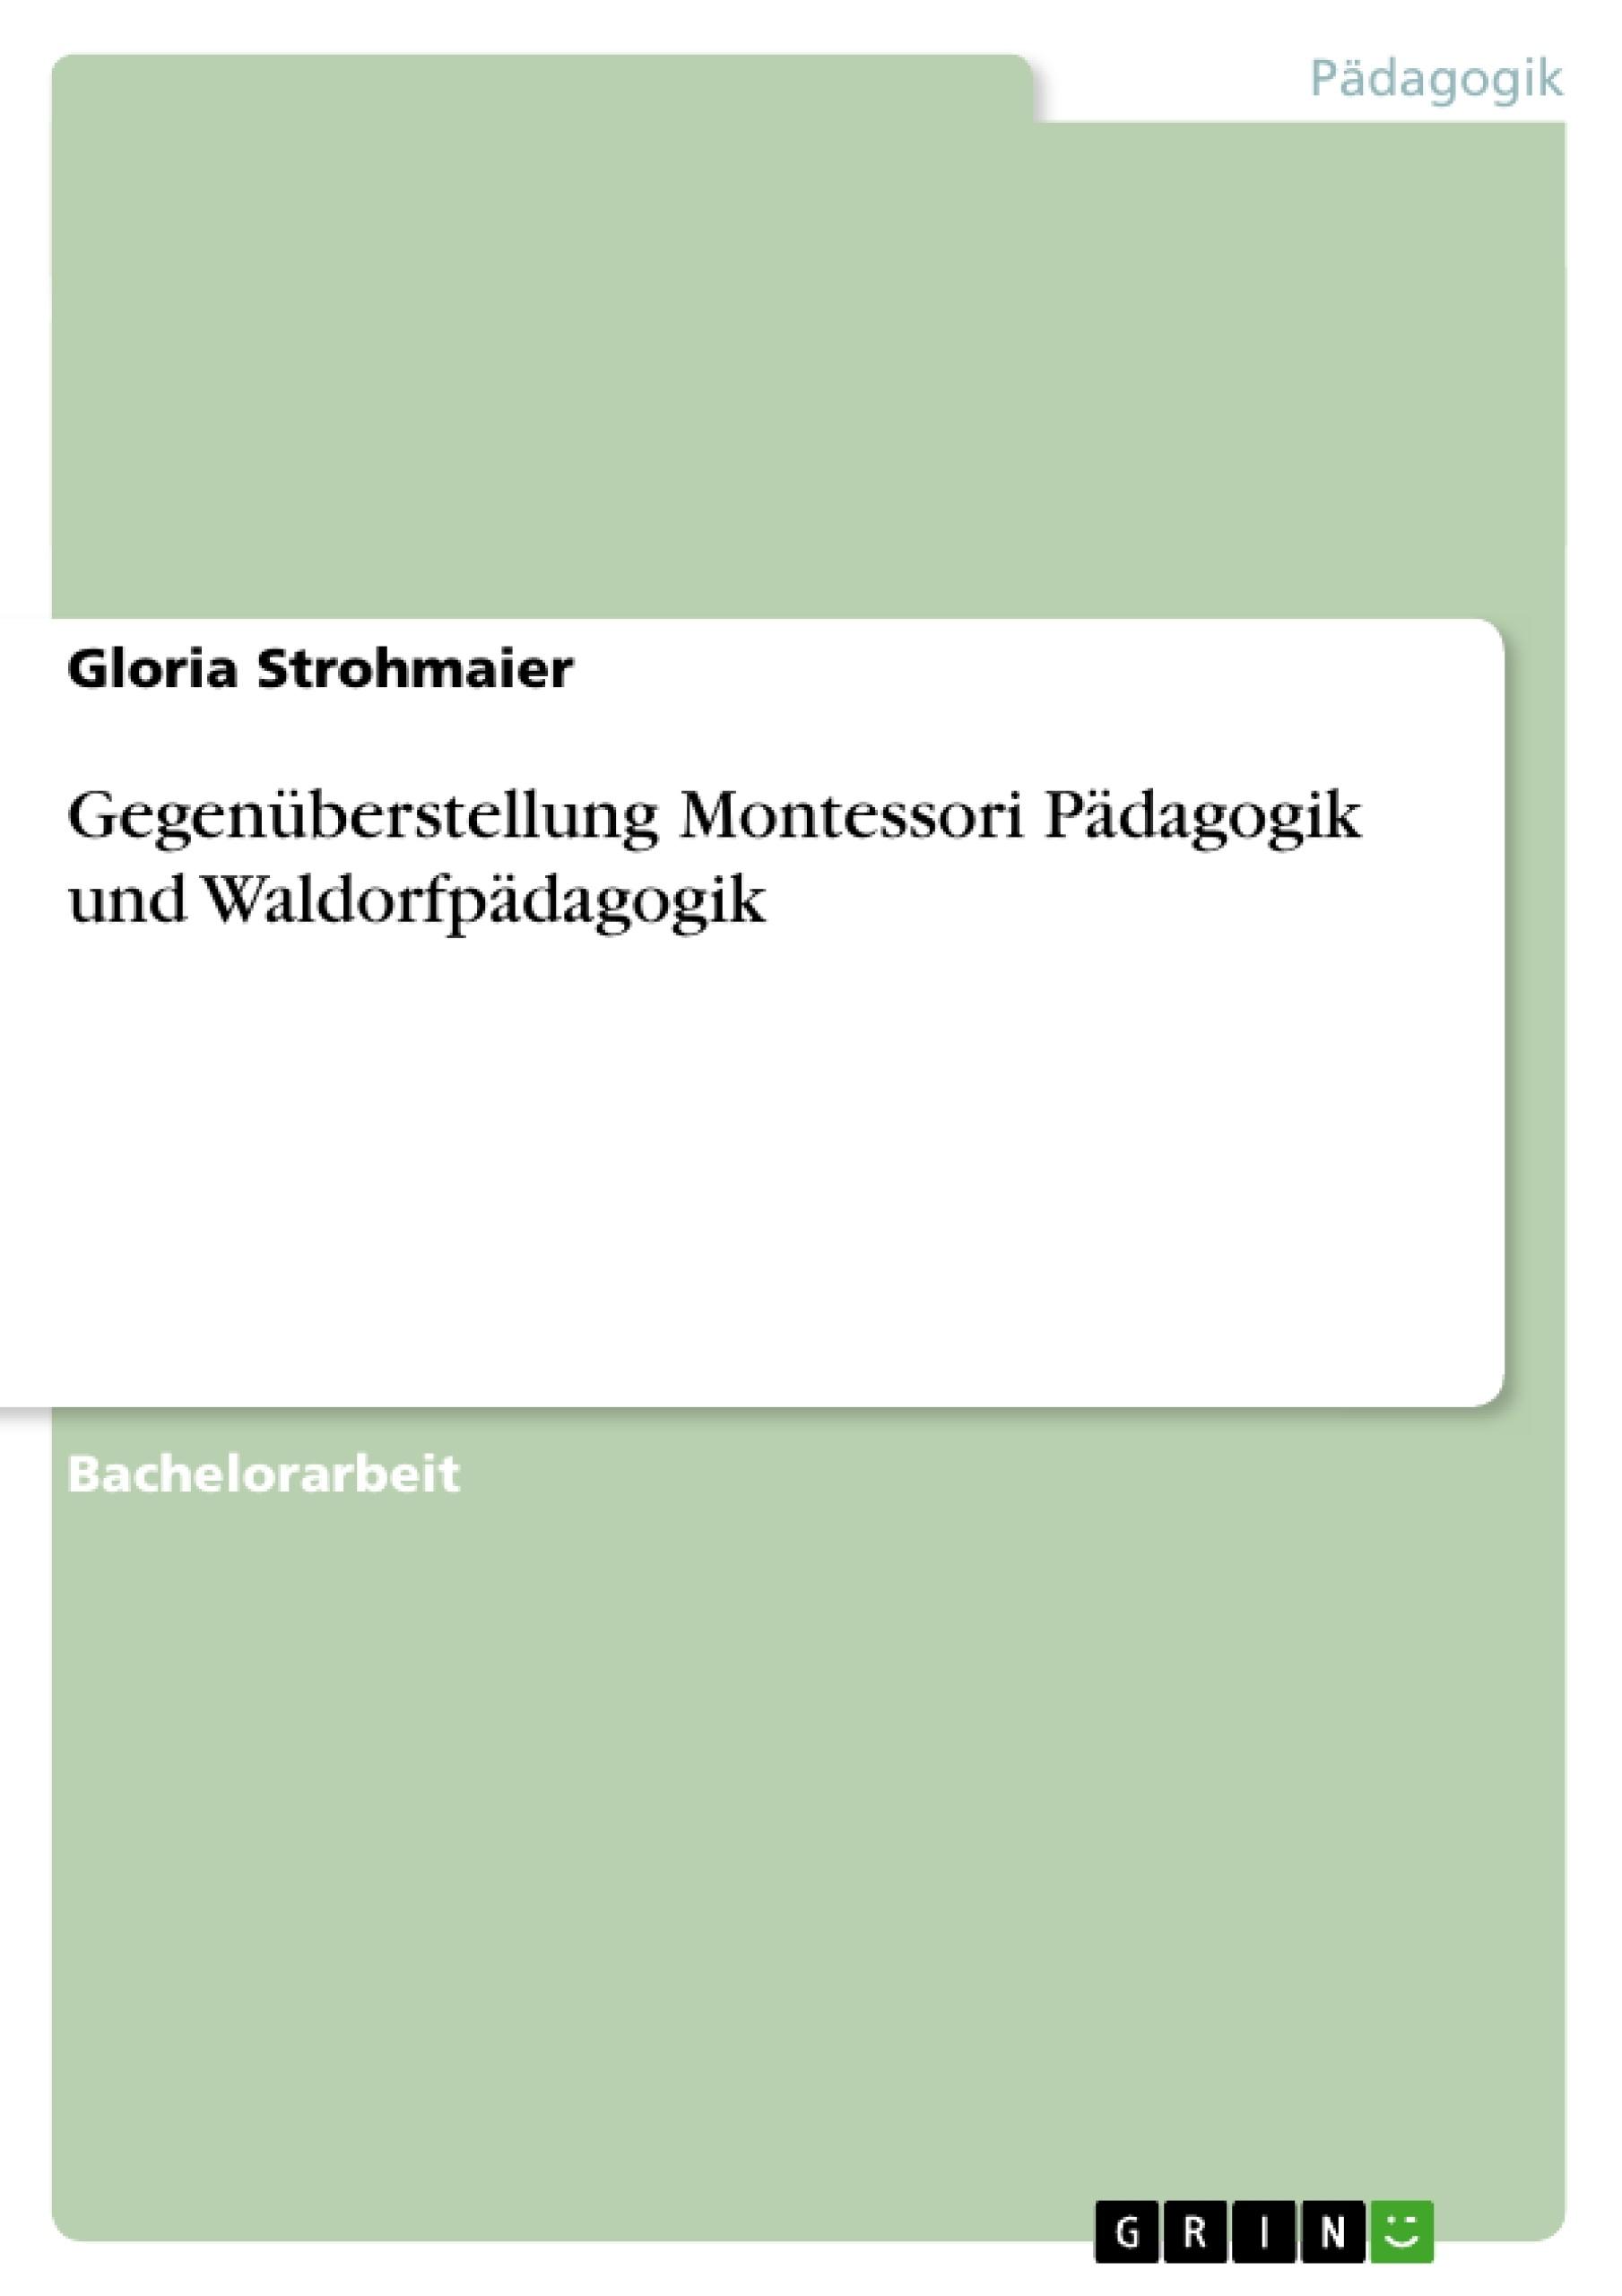 Titel: Gegenüberstellung Montessori Pädagogik und Waldorfpädagogik